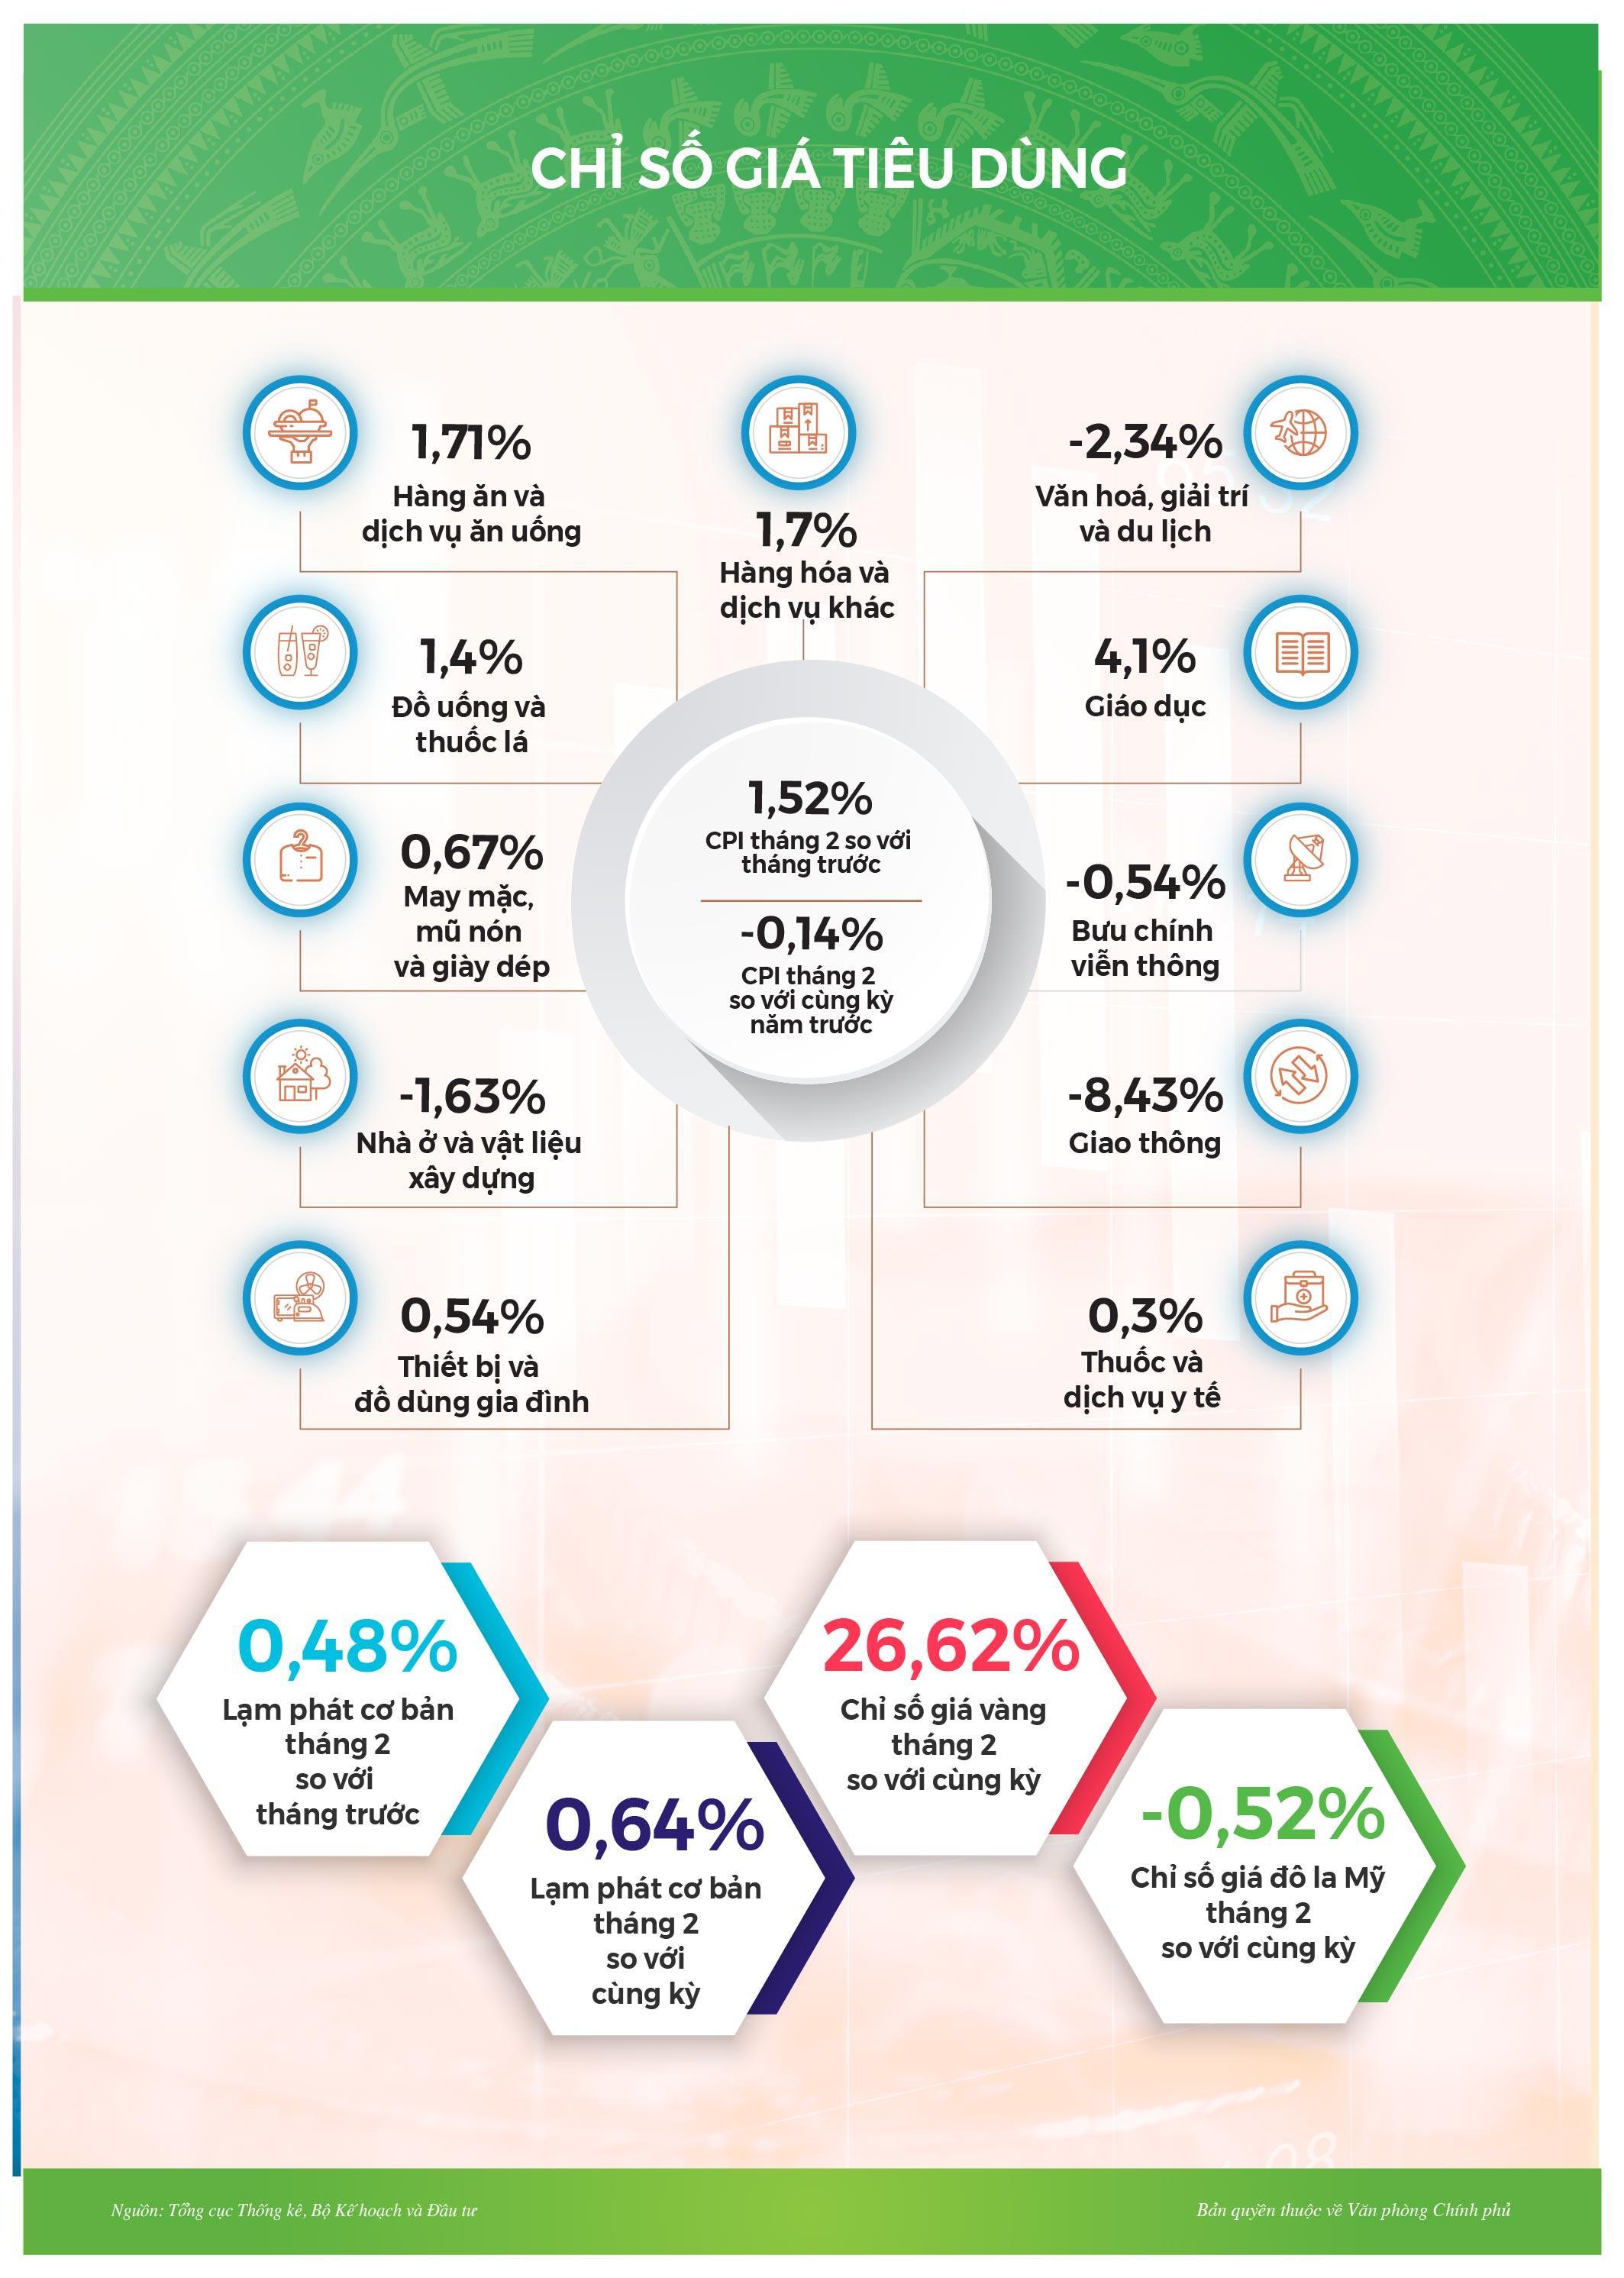 Infographic: Tình hình kinh tế-xã hội tháng 2/2021 Ảnh 8